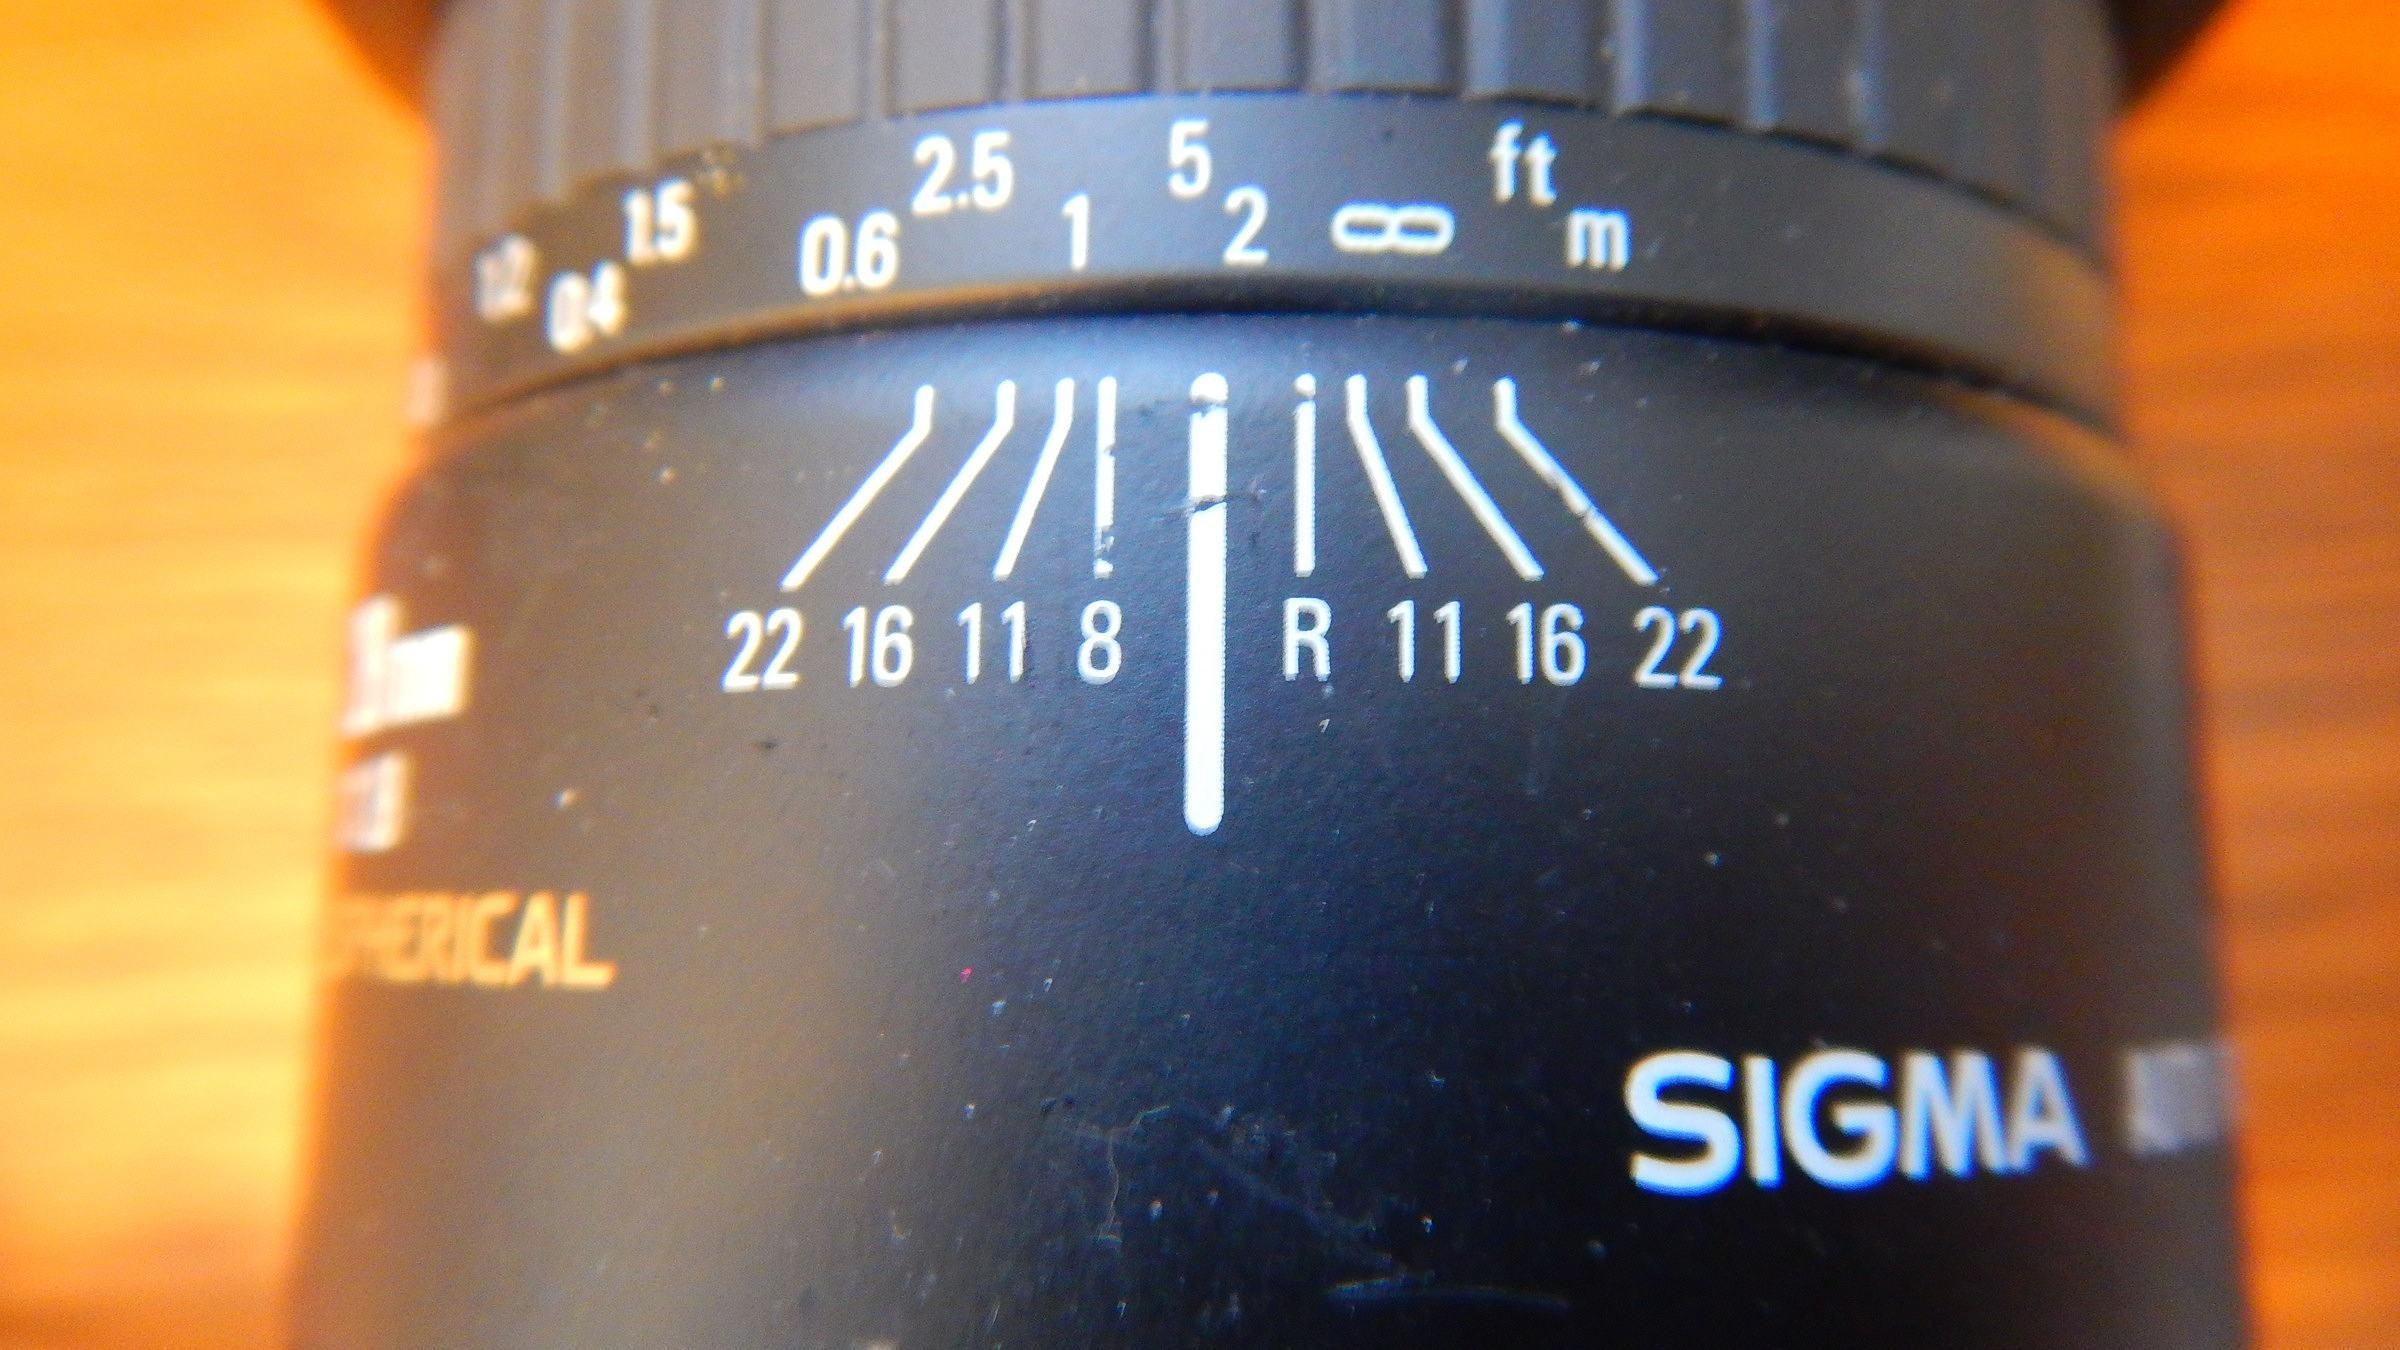 全てのカメラを写ルンですにしますマン_b0060239_13400642.jpg